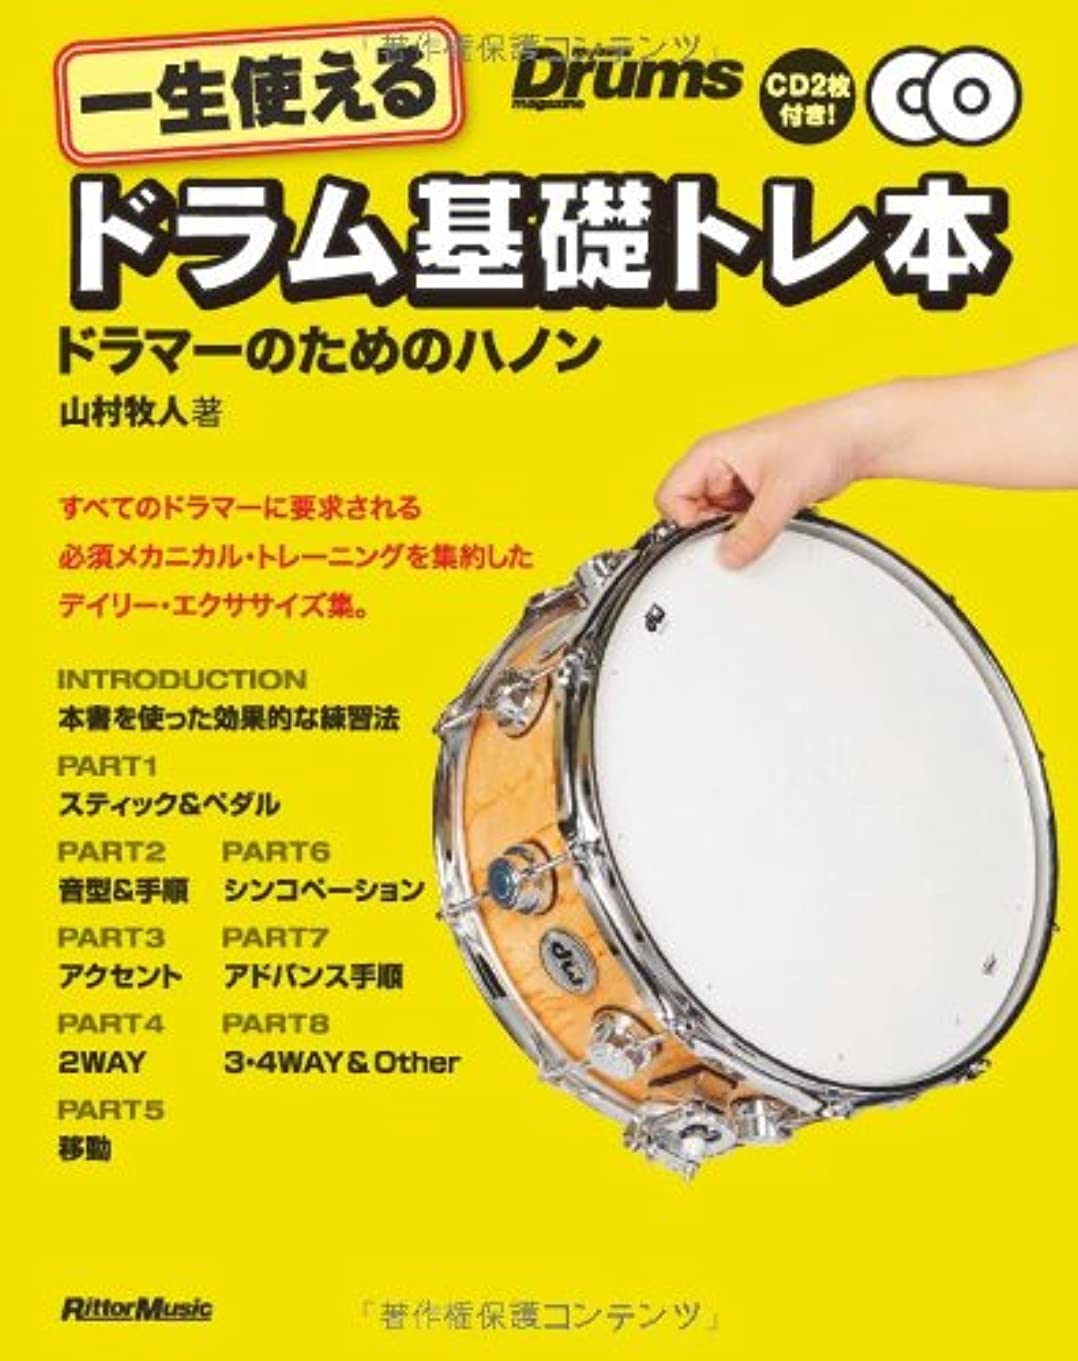 船形美的圧倒的一生使えるドラム基礎トレ本 ドラマーのためのハノン (CD2枚付き)